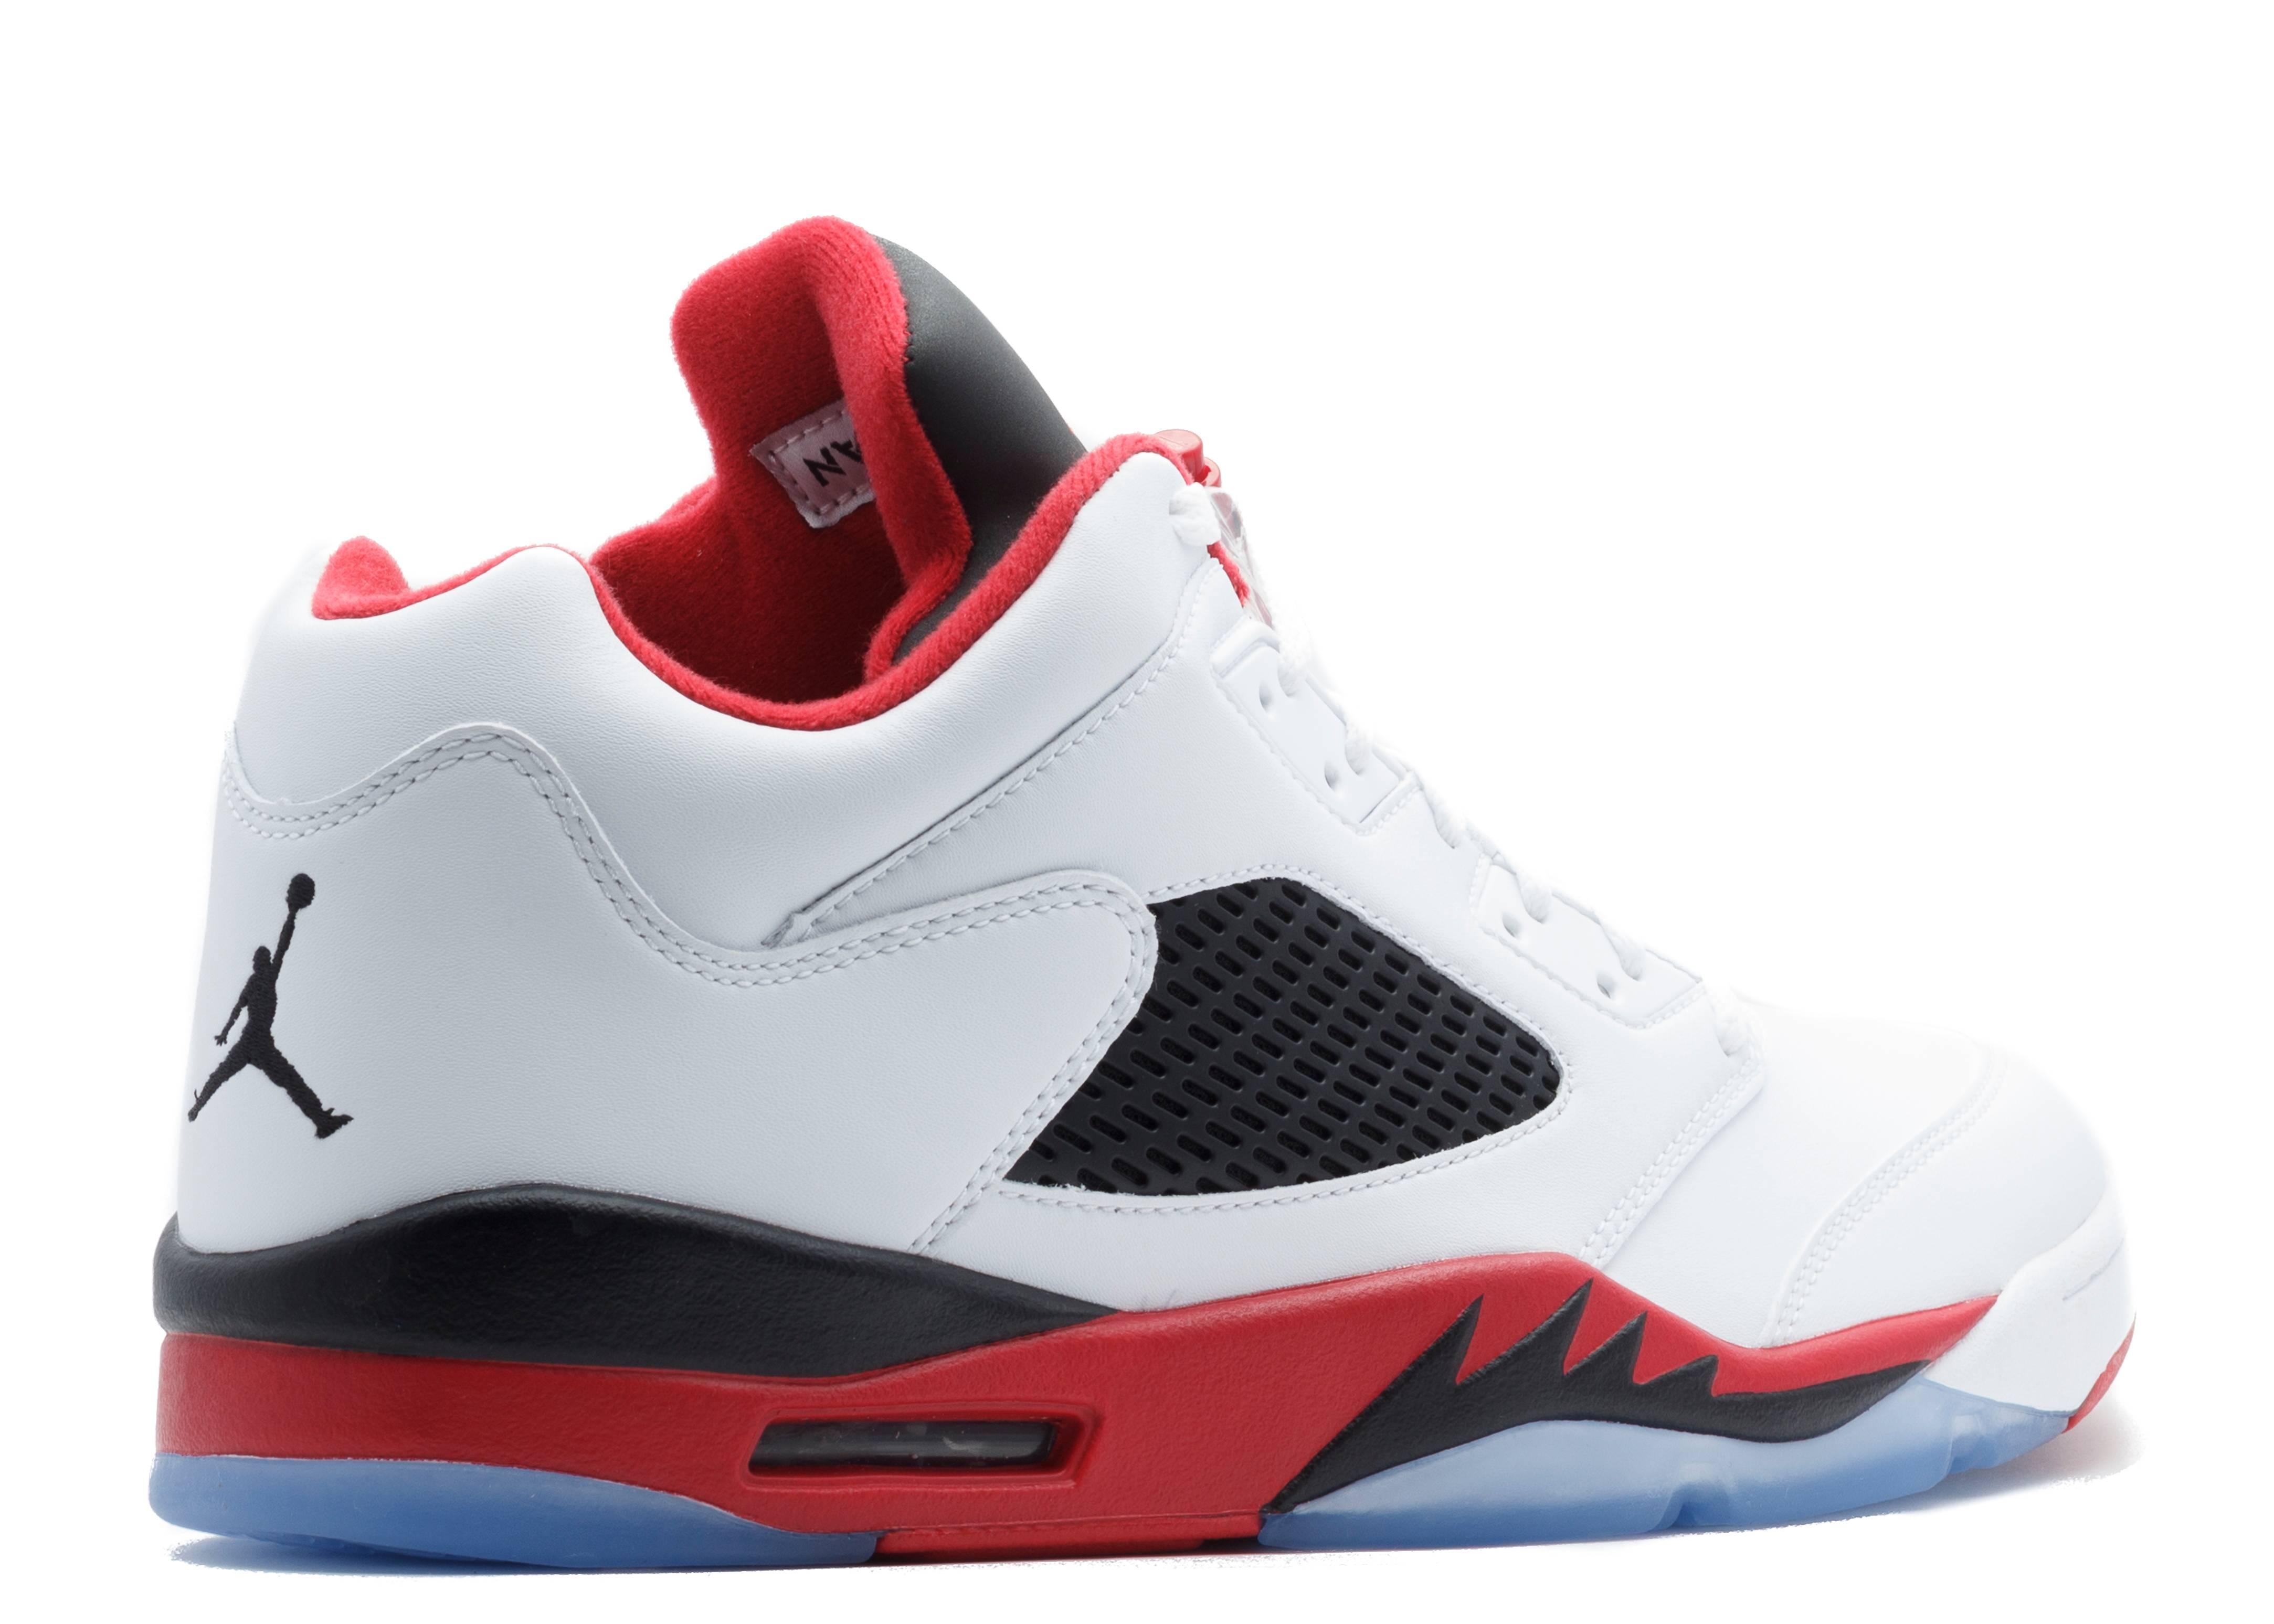 cheap for discount 92b09 5486d Air Jordan 5 Retro Low - Air Jordan - 819171 101 - white fire red-black    Flight Club